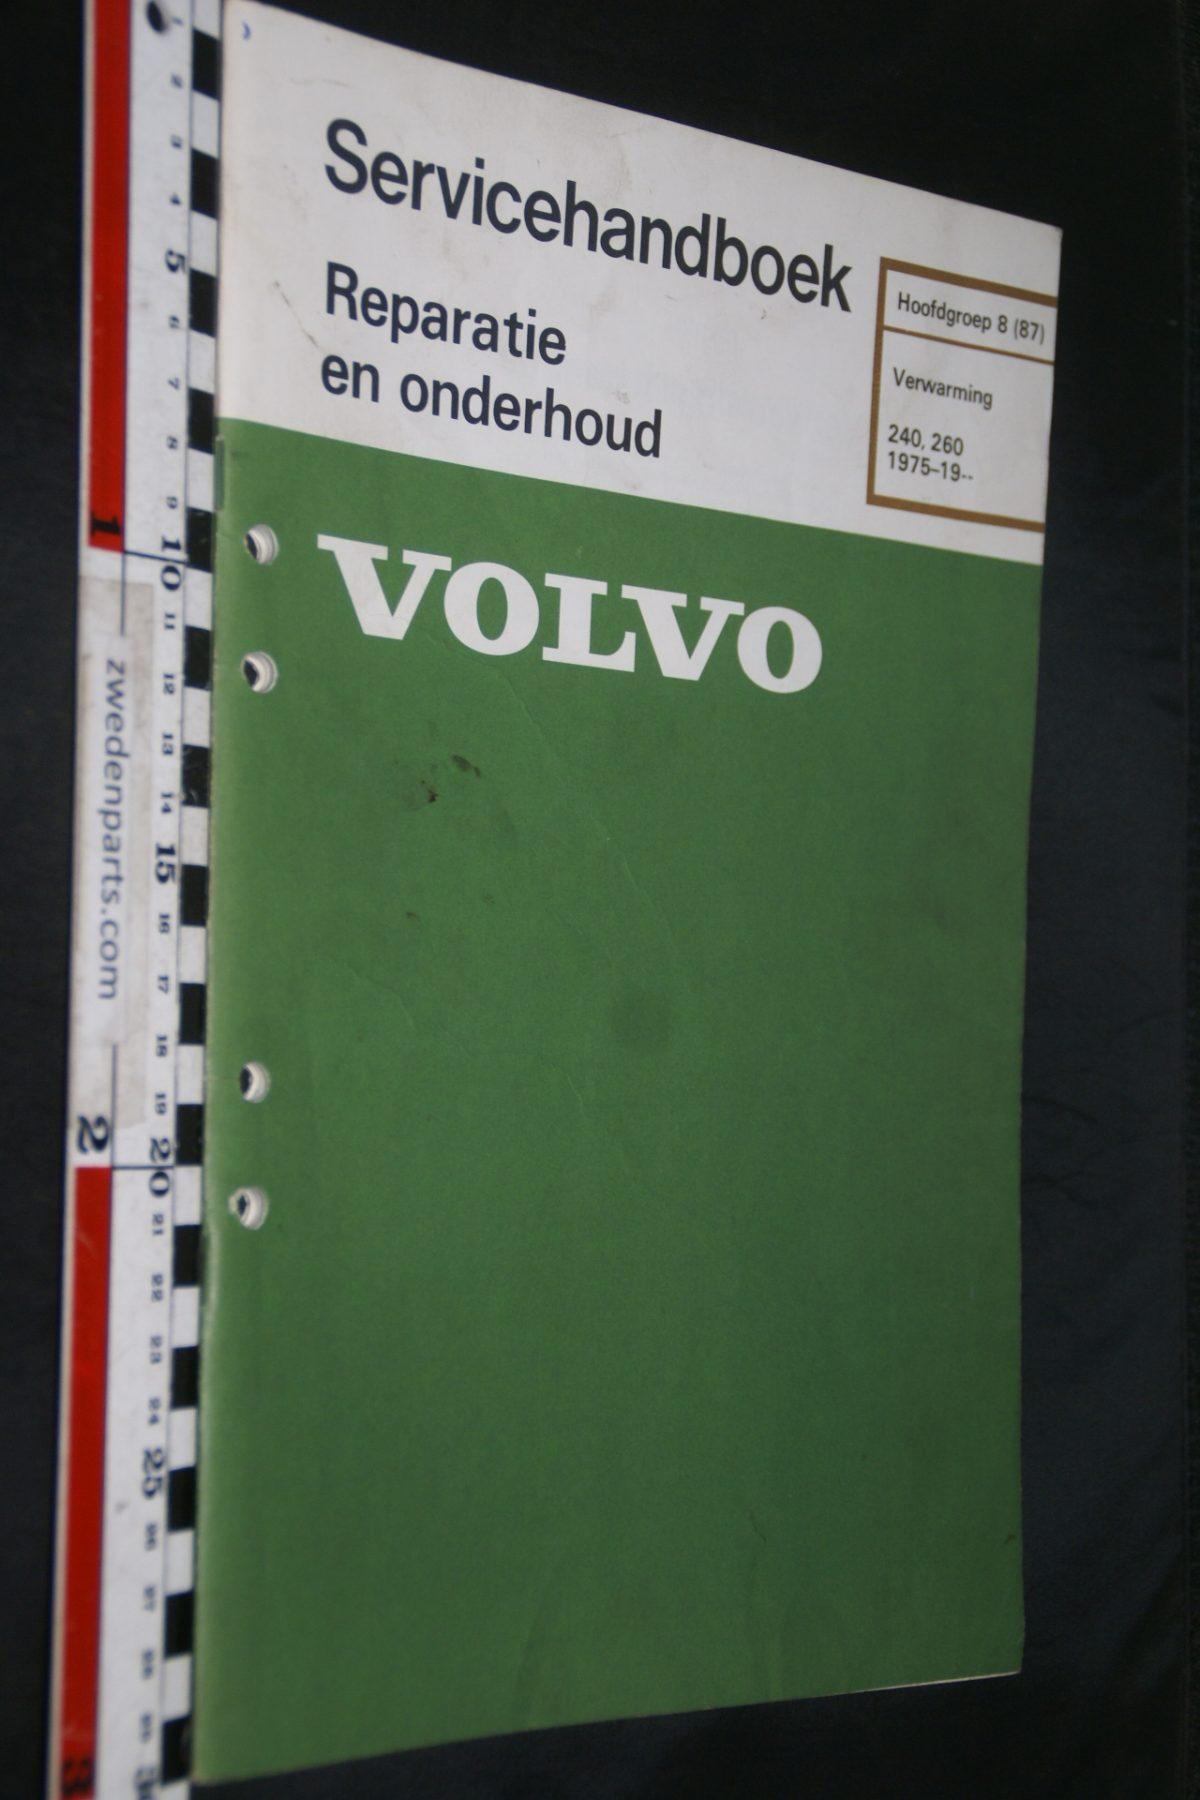 DSC06709 1981 origineel Volvo 240, 260 servicehandboek  8 (87) verwarming 1 van 800 TP 30286-1